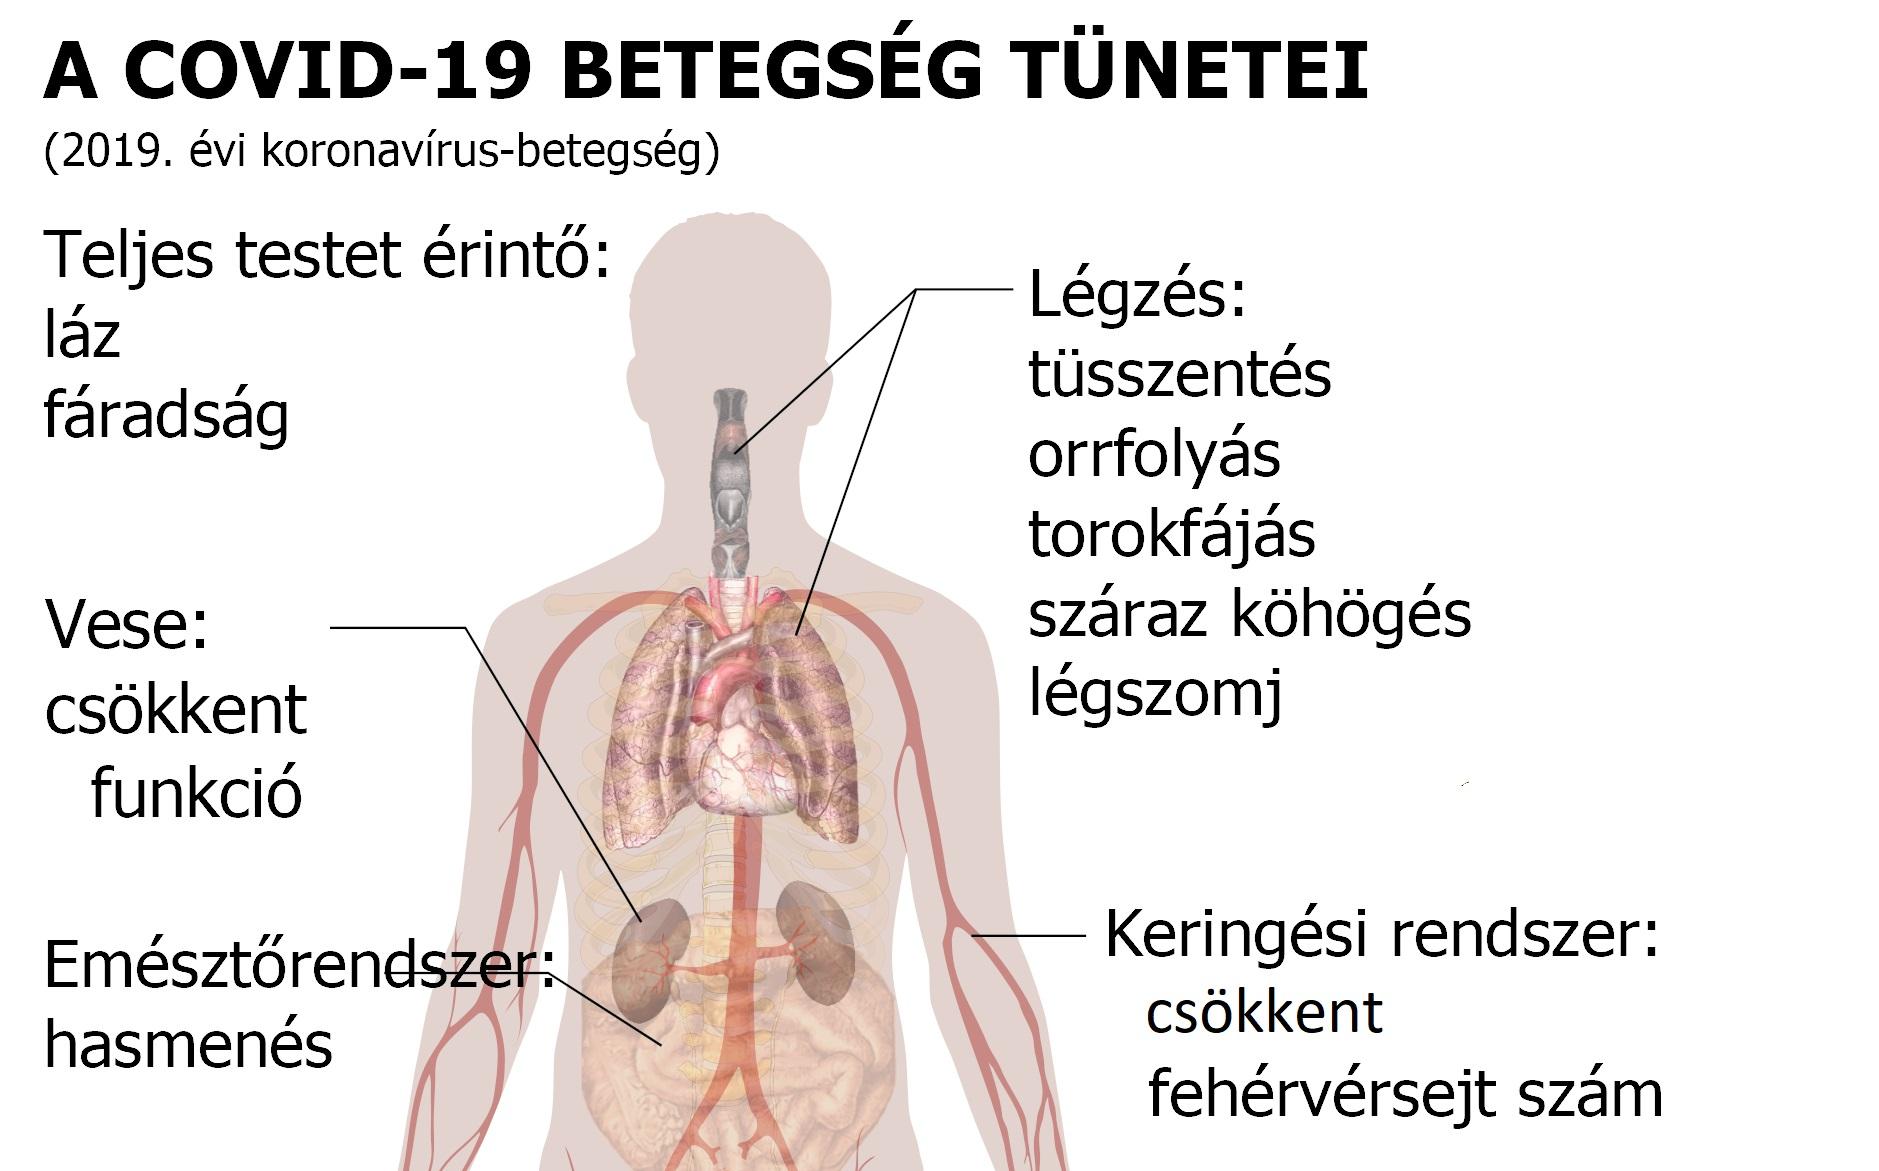 paraziták az emberi test megelőzésében és kezelésében)